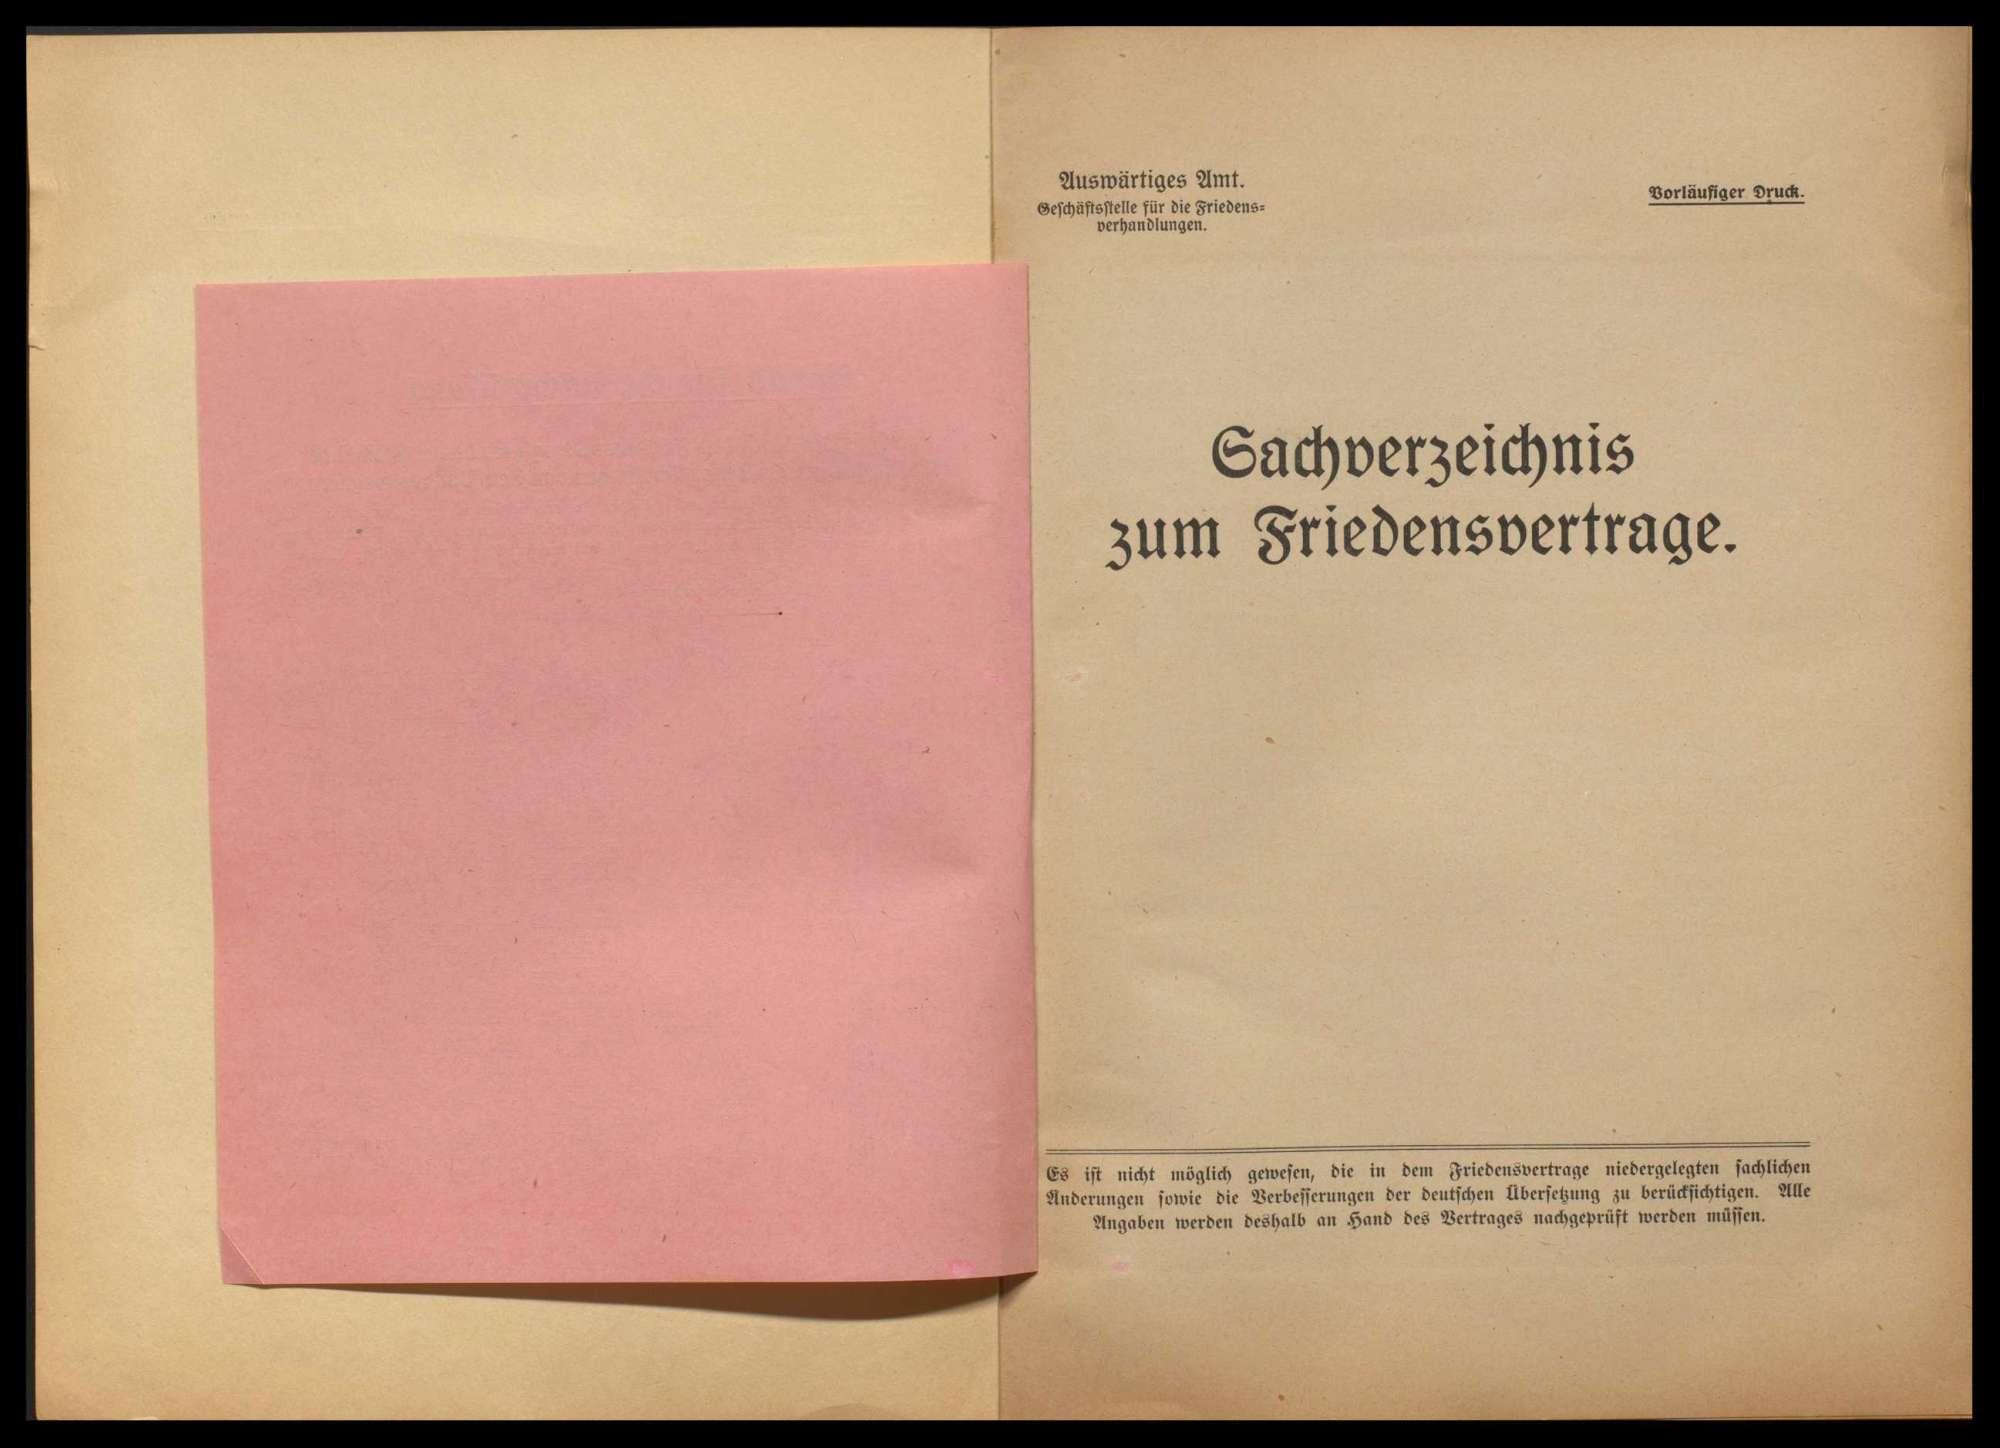 Materialien betr. die Friedensverhandlungen, Teil I - V, und Sachverzeichnis zum Friedensvertrag, Bild 3